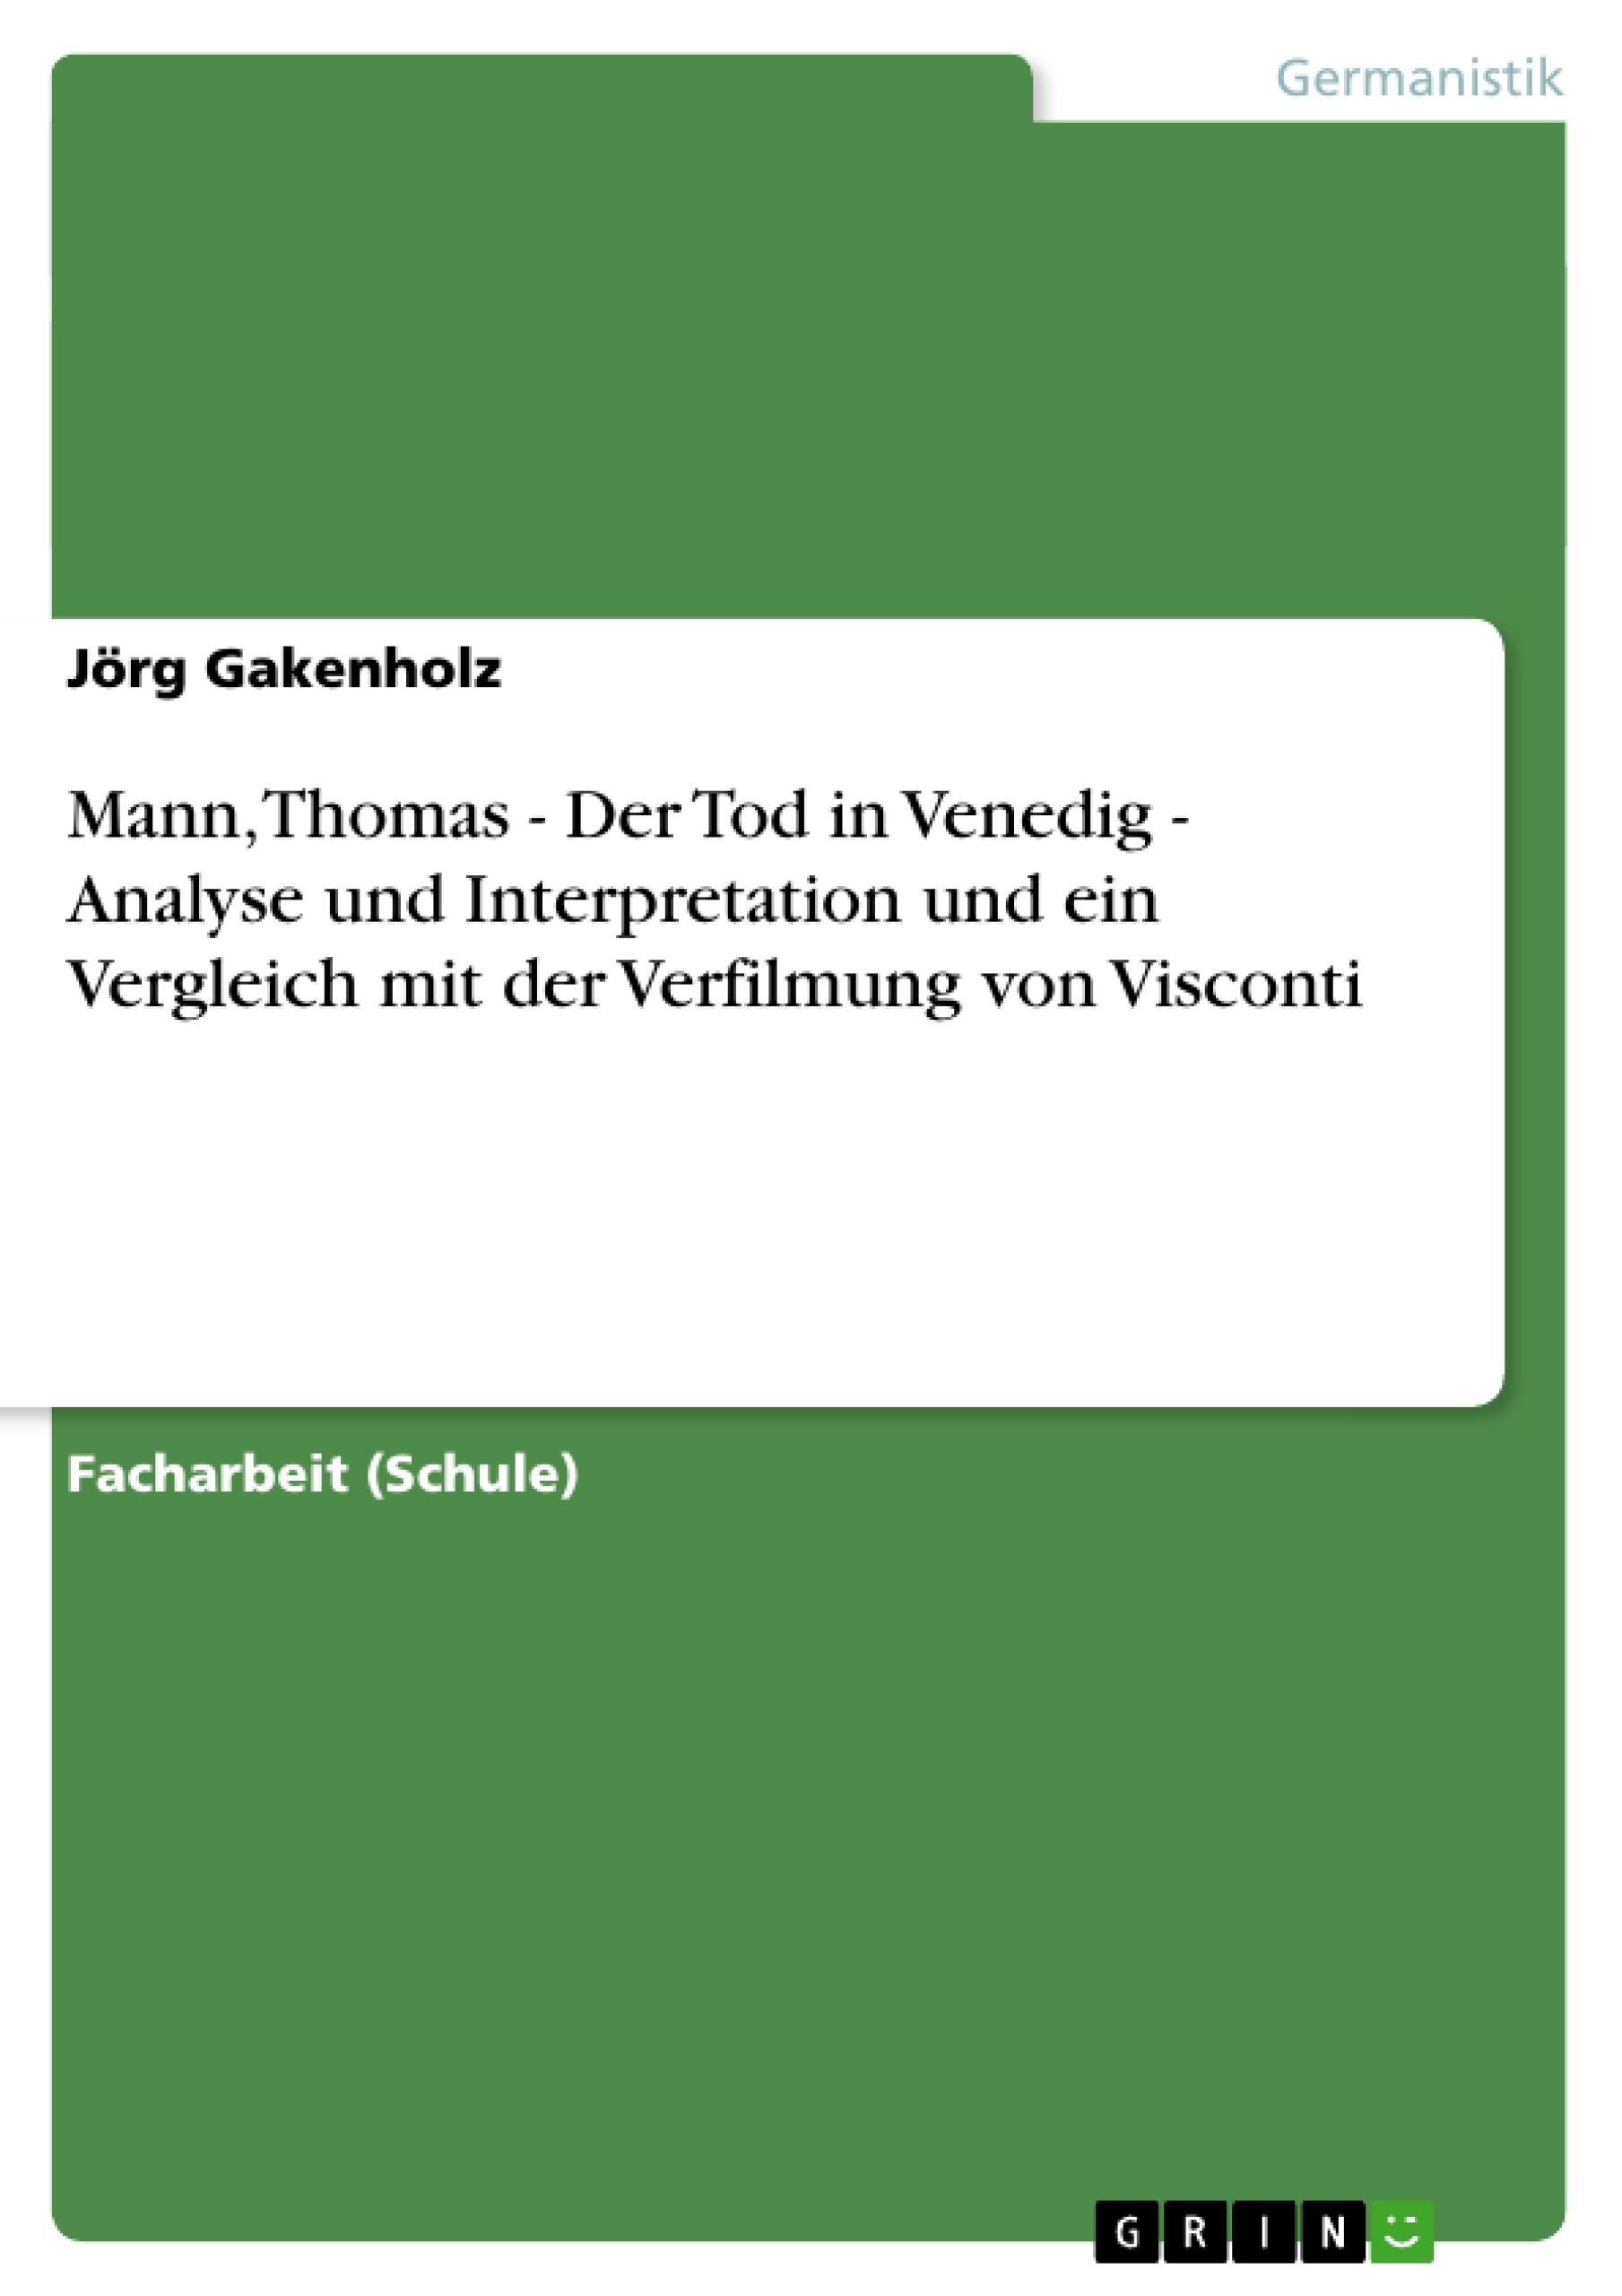 Mann Thomas Der Tod In Venedig Analyse Und Interpretation Und